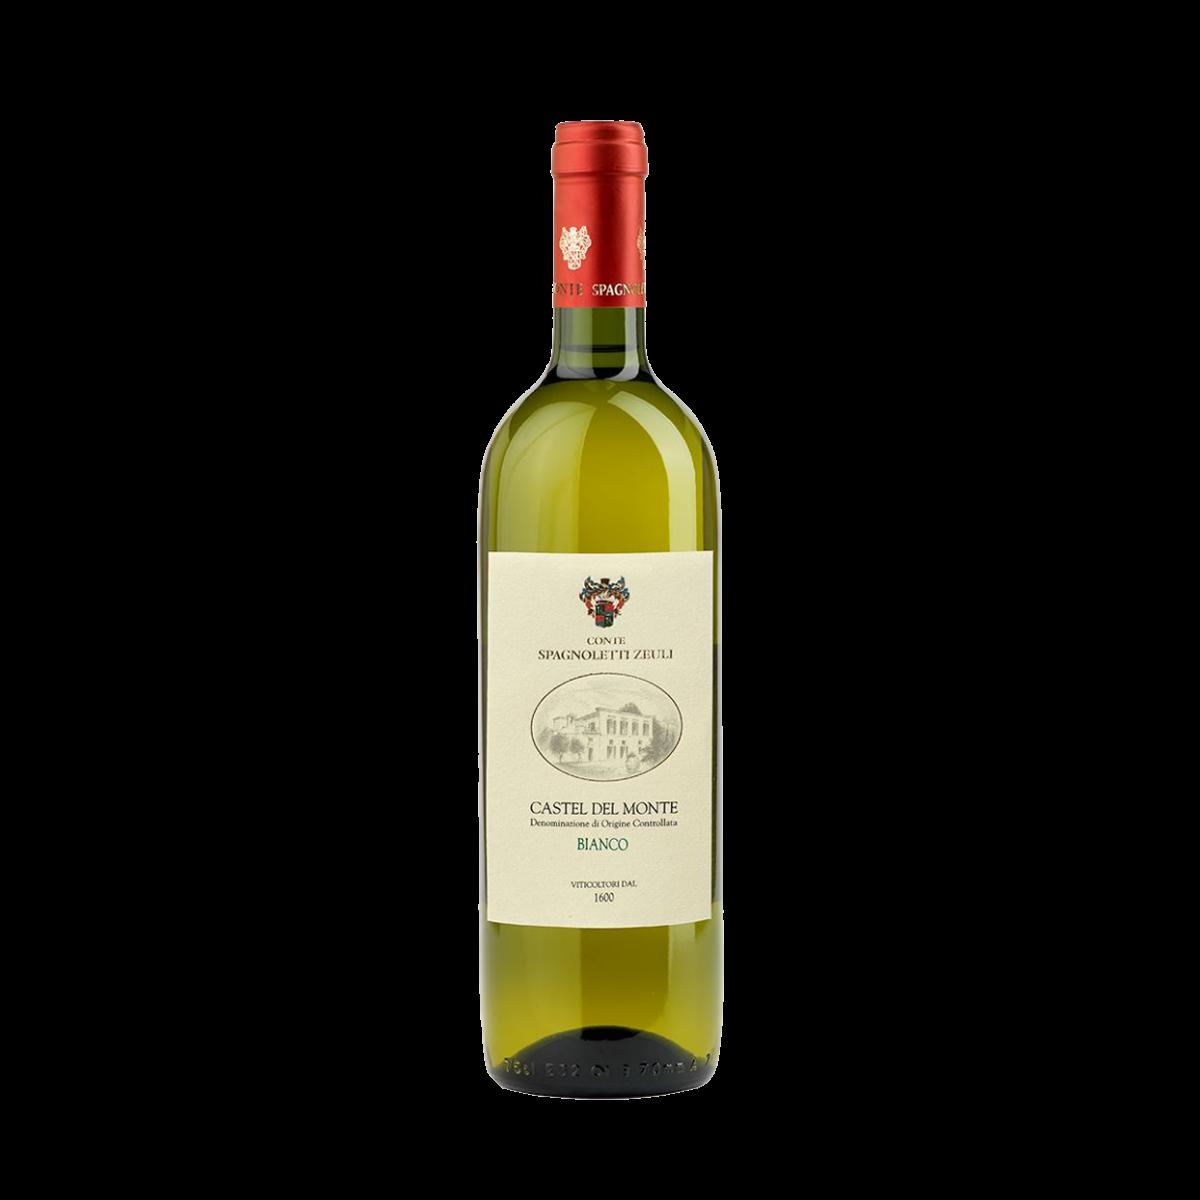 Castel del Monte DOC Bianco 2020 Bombino Bianco: 50 % Chardonnay: 50 % Temperatura di servizio: 7-8° C. Alcol svolto: 12% vol